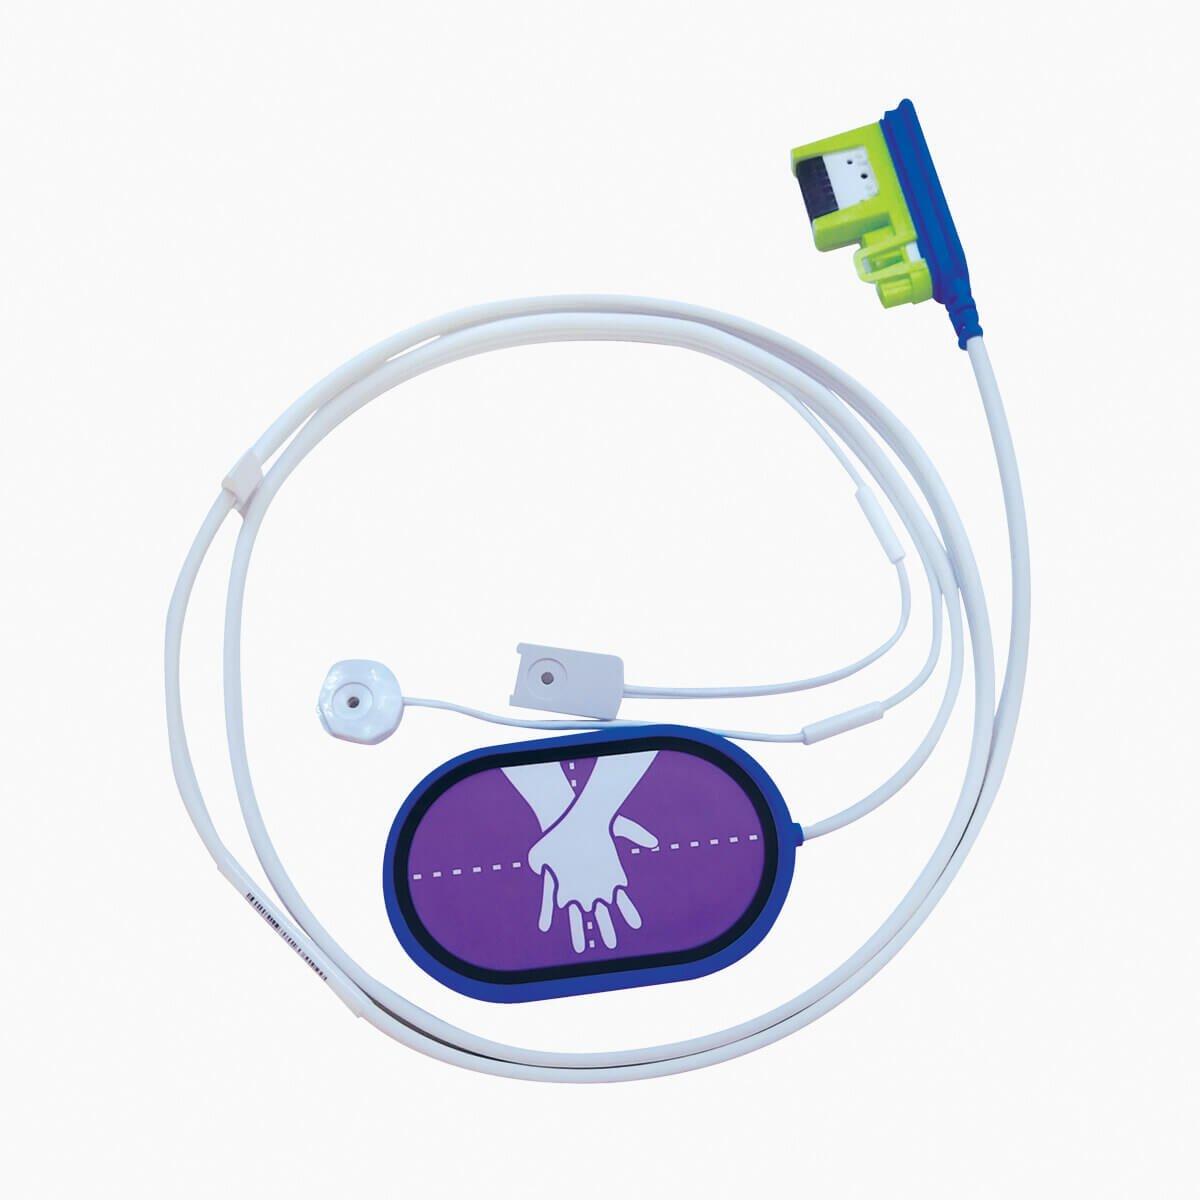 Kompressionssensor ZOLL CPR Uni-padz II für den ZOLL AED 3 Trainer